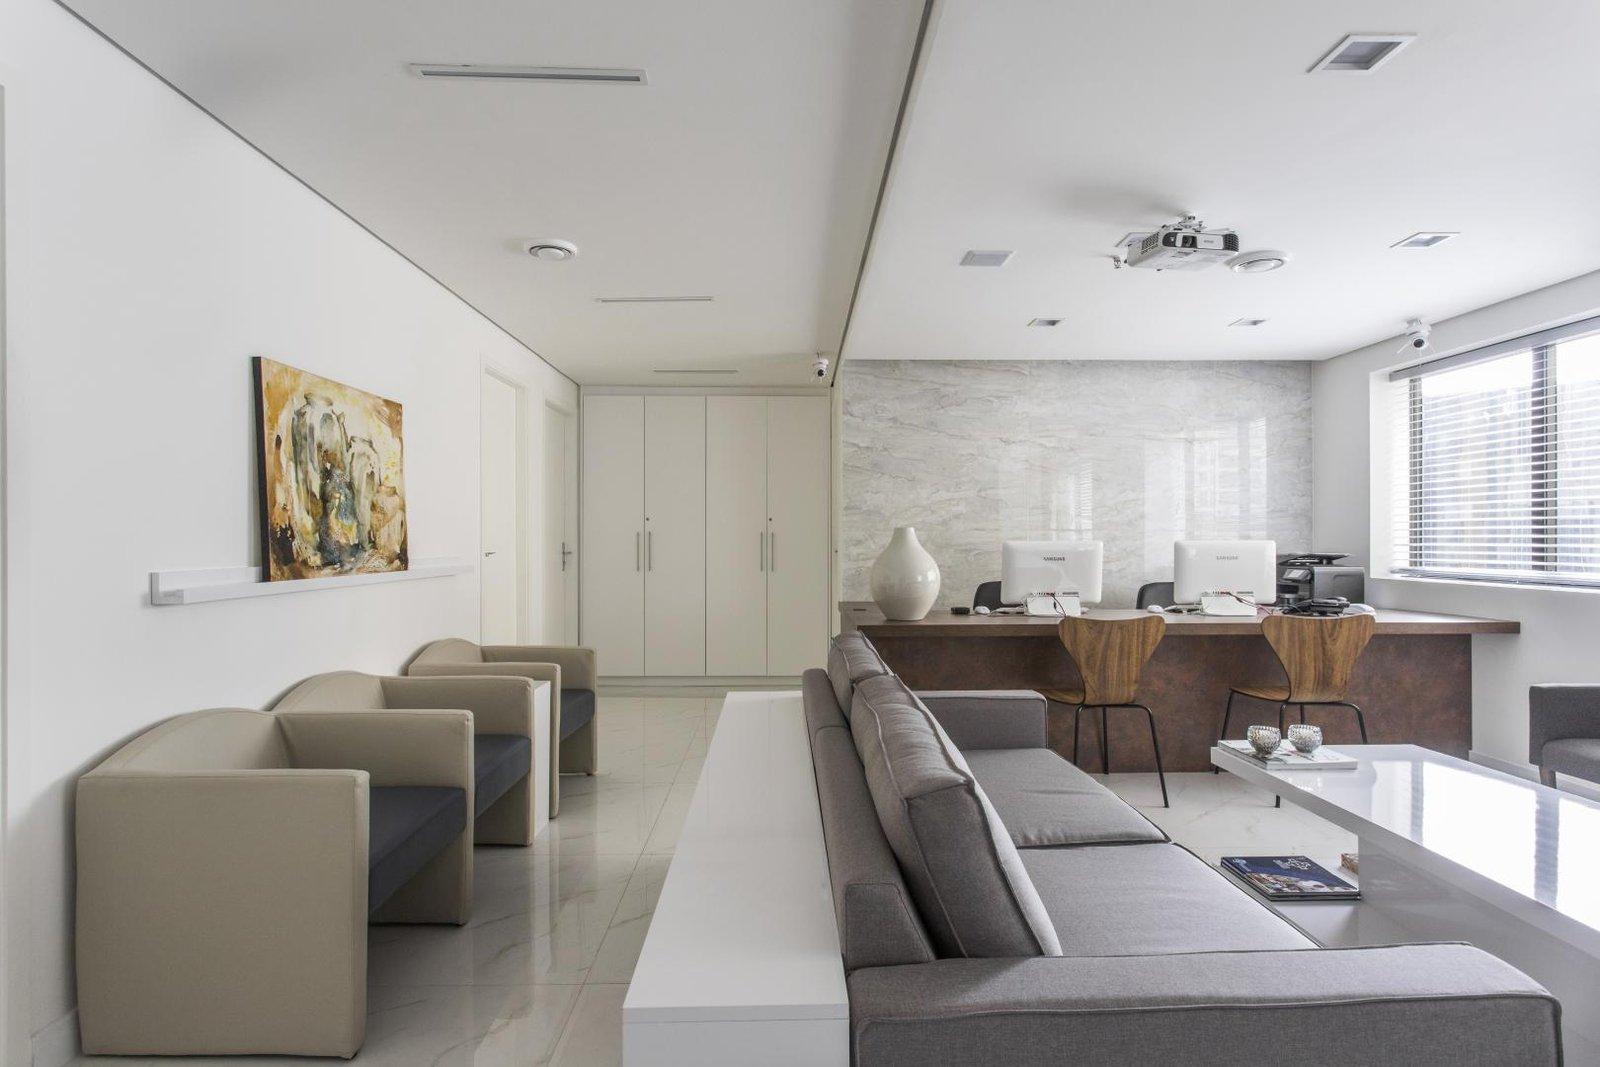 foto-interior-clinica-fernando-costa-06